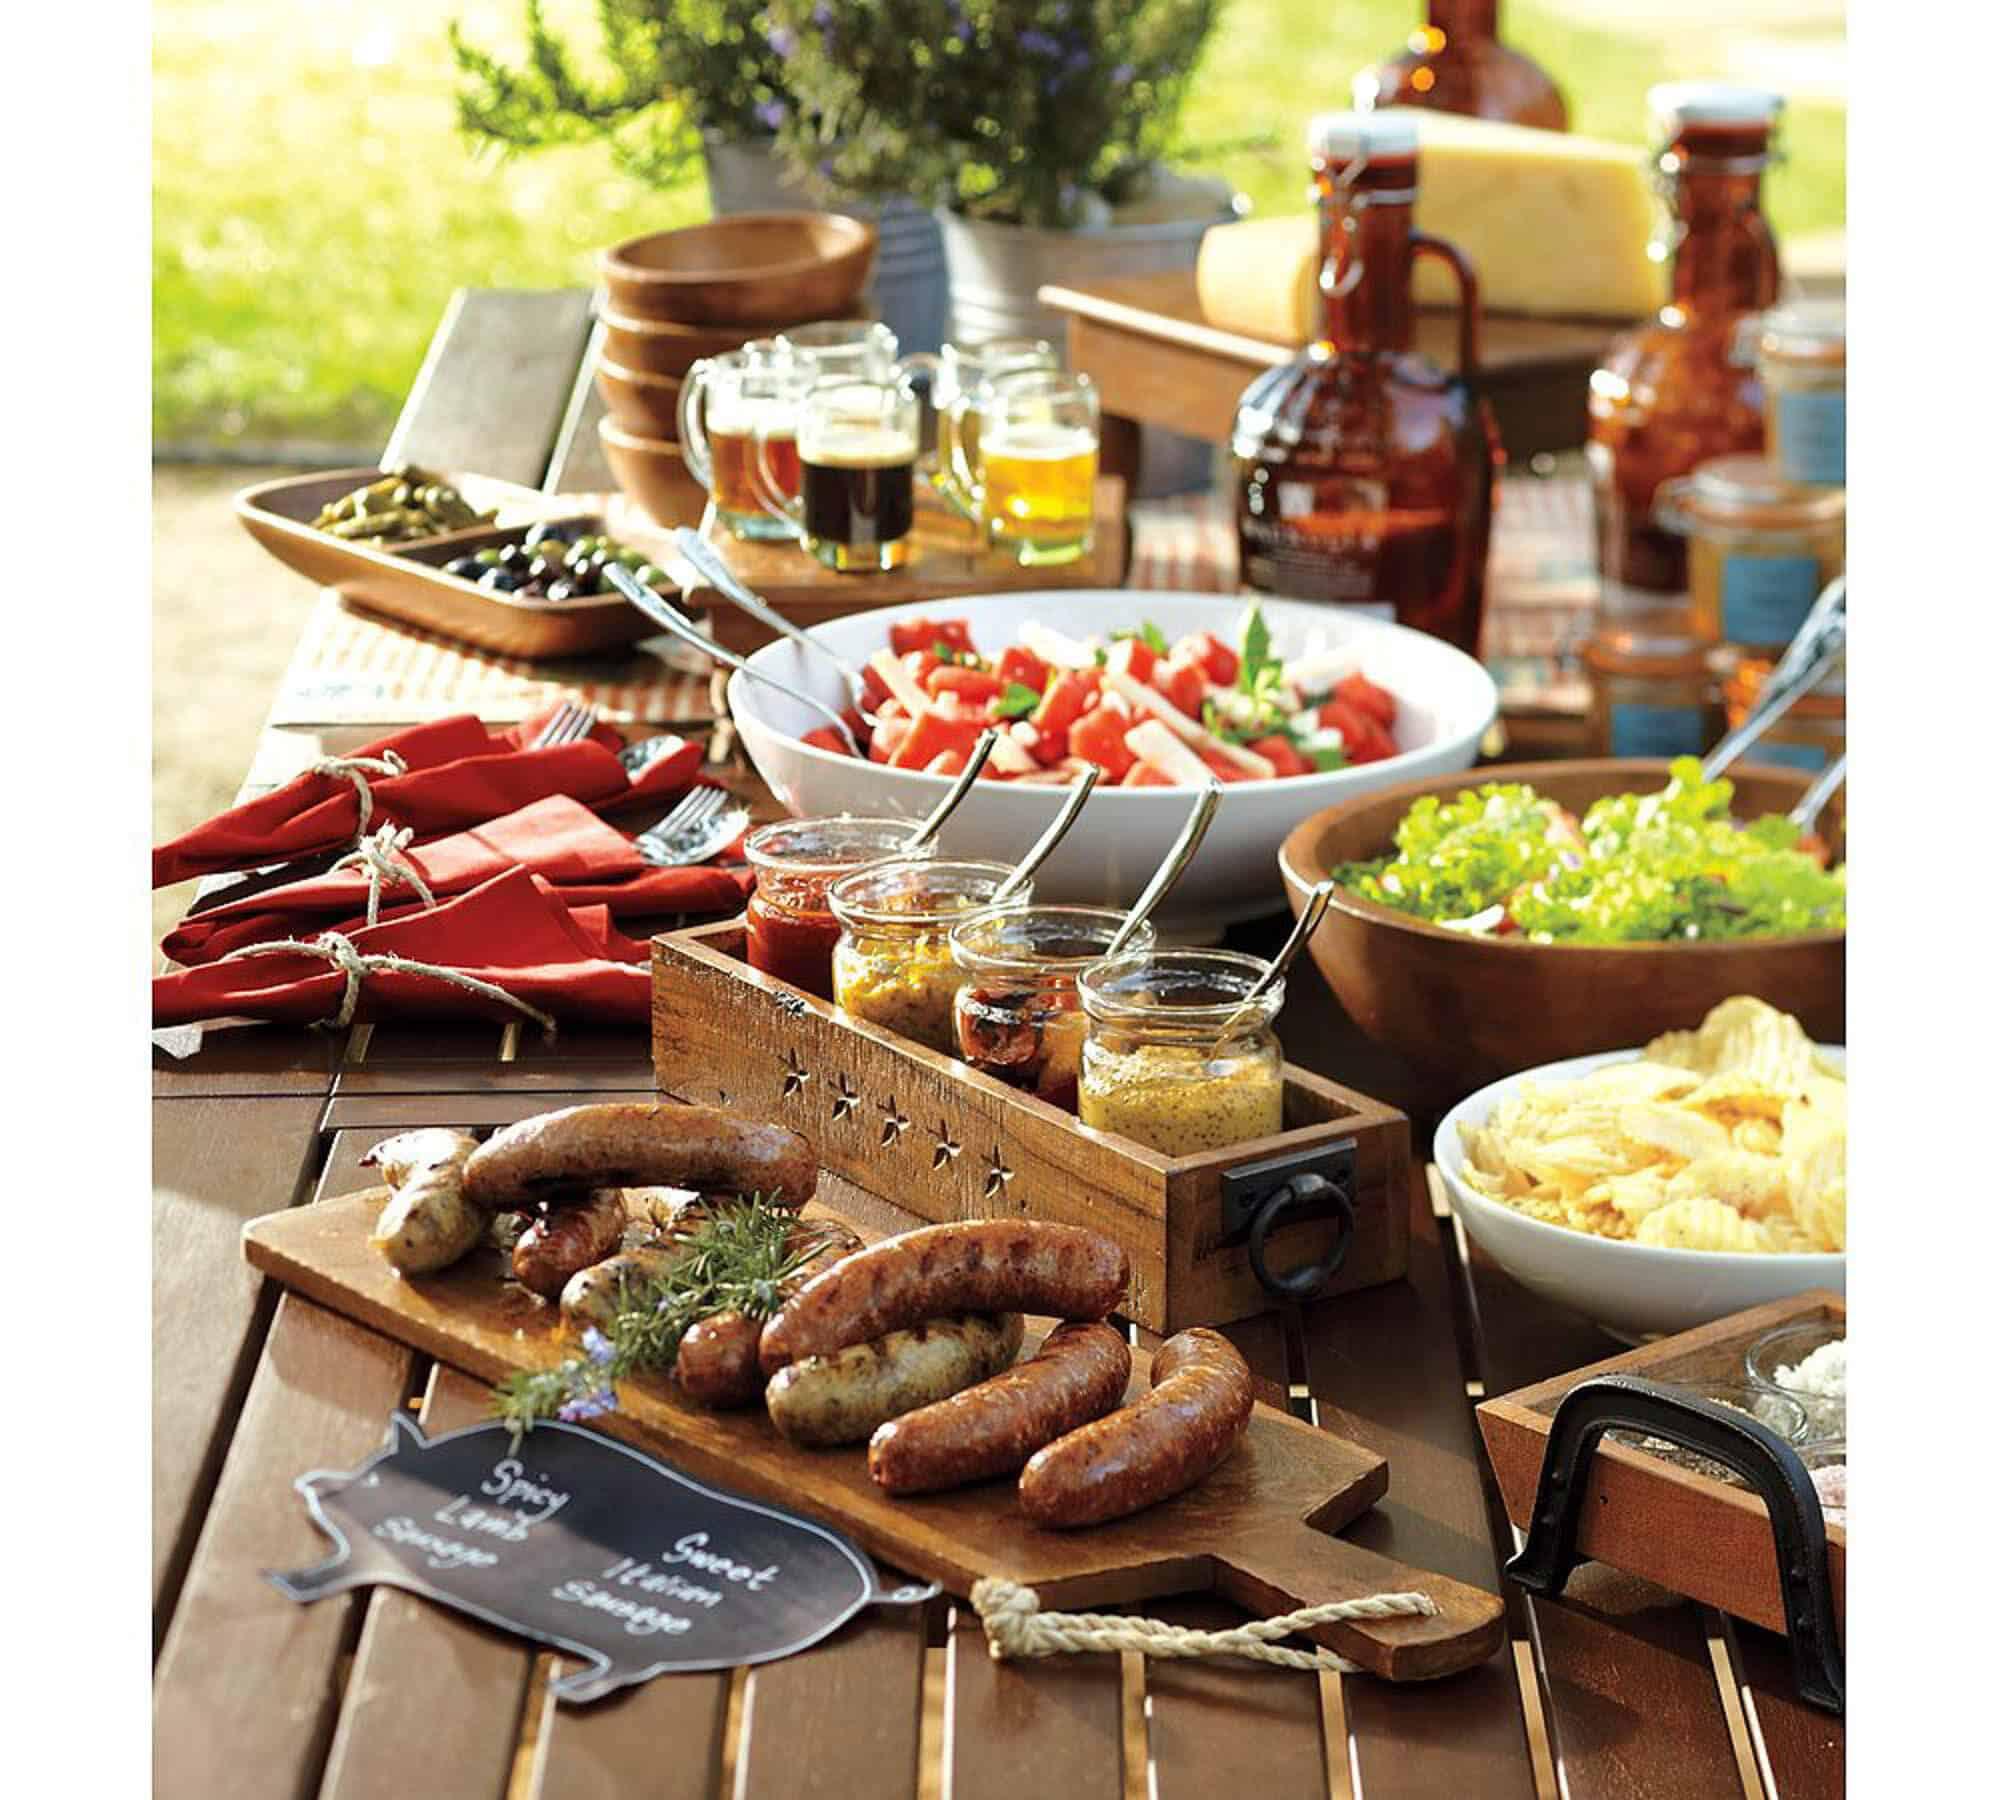 How to Host a Backyard Party & BBQ  Gentleman's Gazette